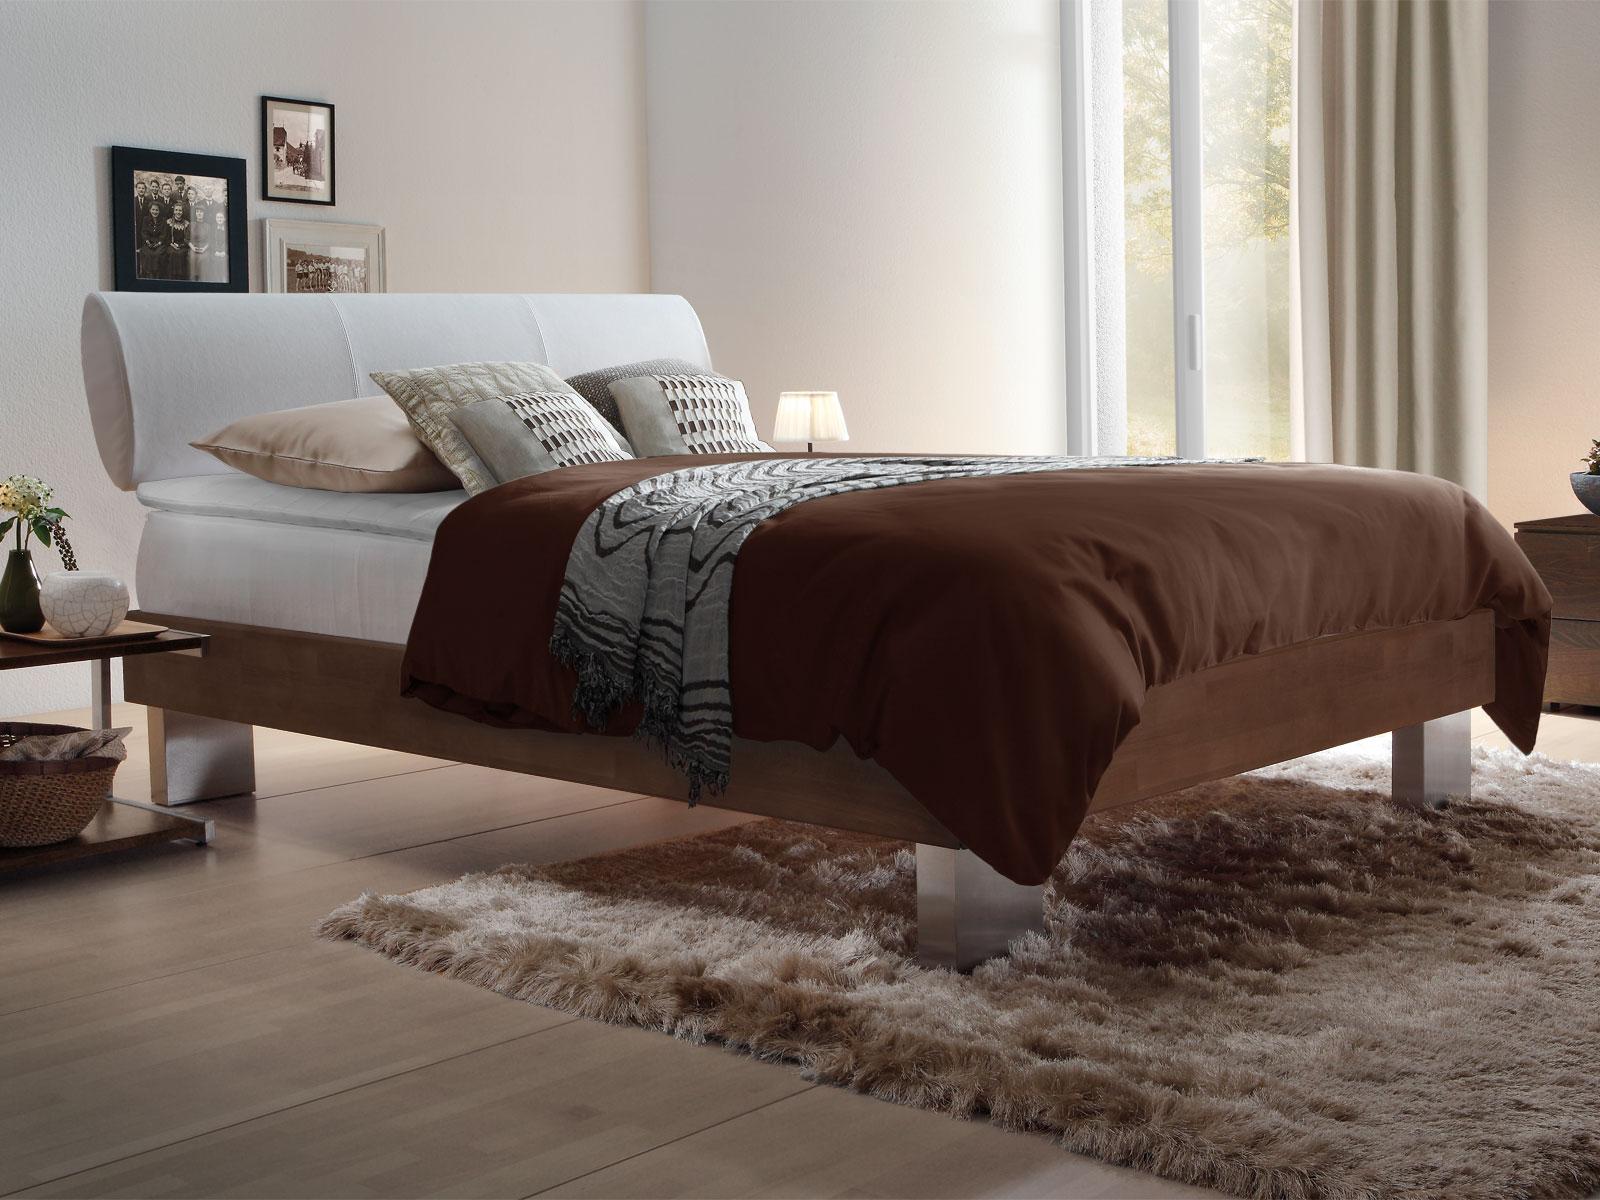 Schlafzimmer Lampenschirm: Die inspirierendsten schlafzimmer ...